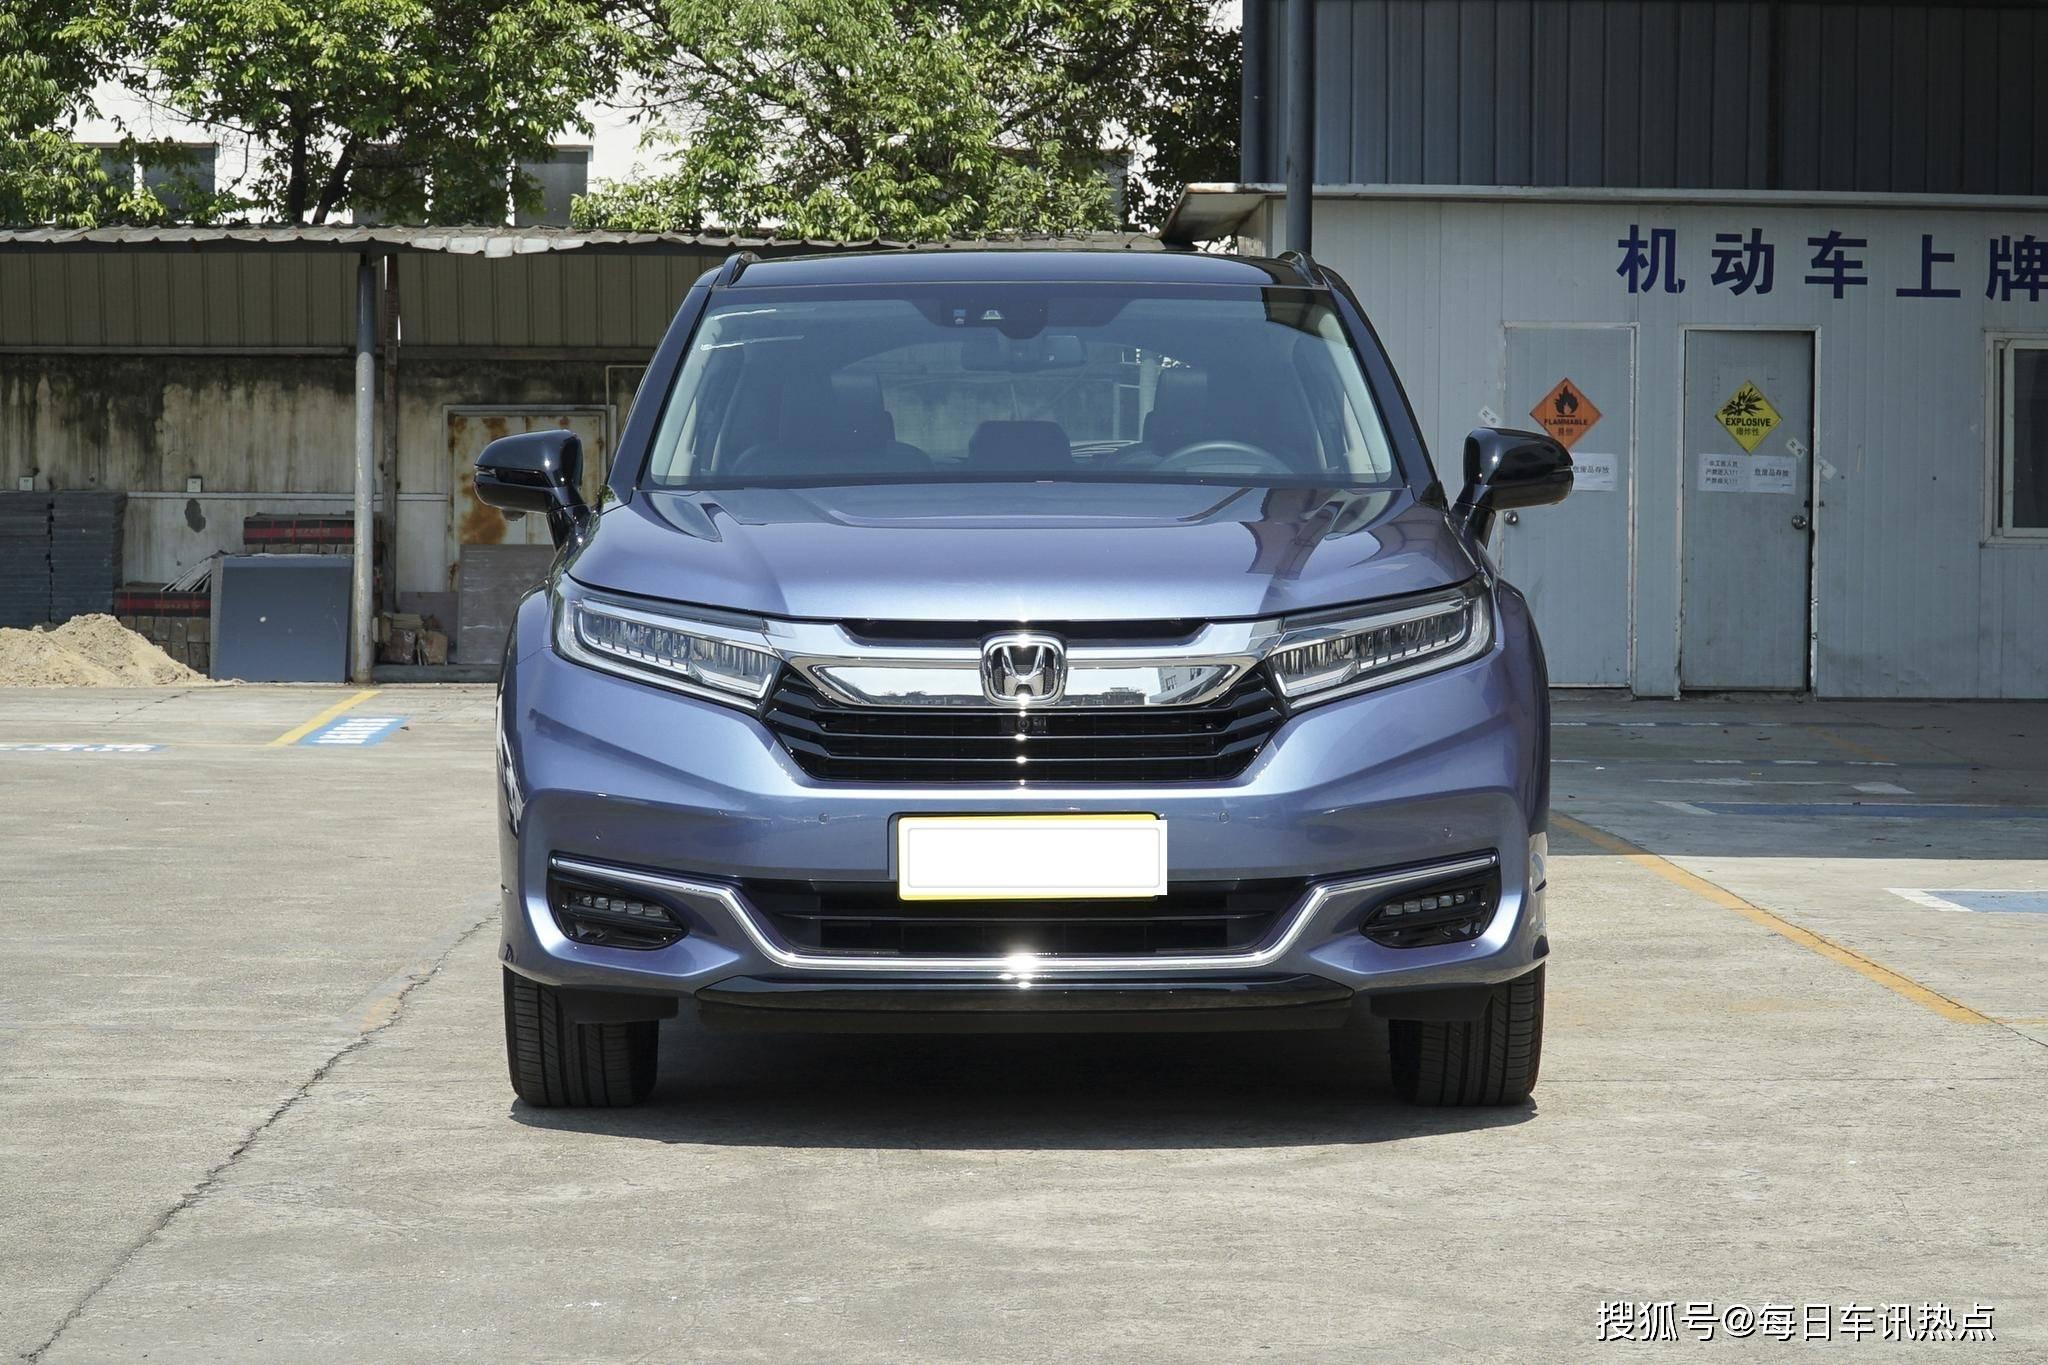 原两家合资的四轮驱动SUV,安全系数高,动力强,省油